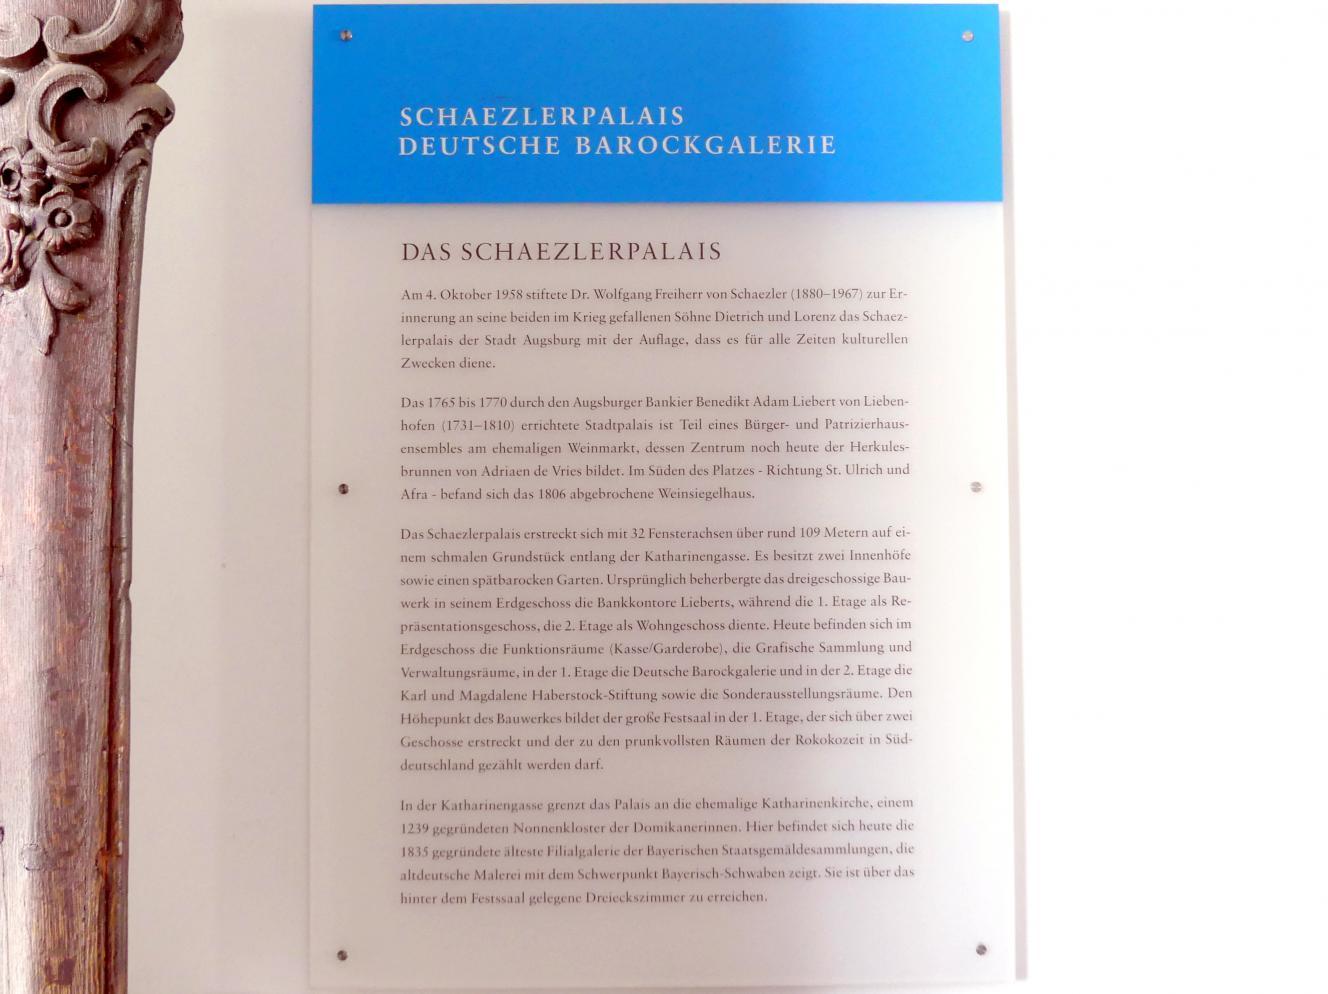 Augsburg, Städtische Kunstsammlungen, Deutsche Barockgalerie im Schaezlerpalais, Bild 4/6